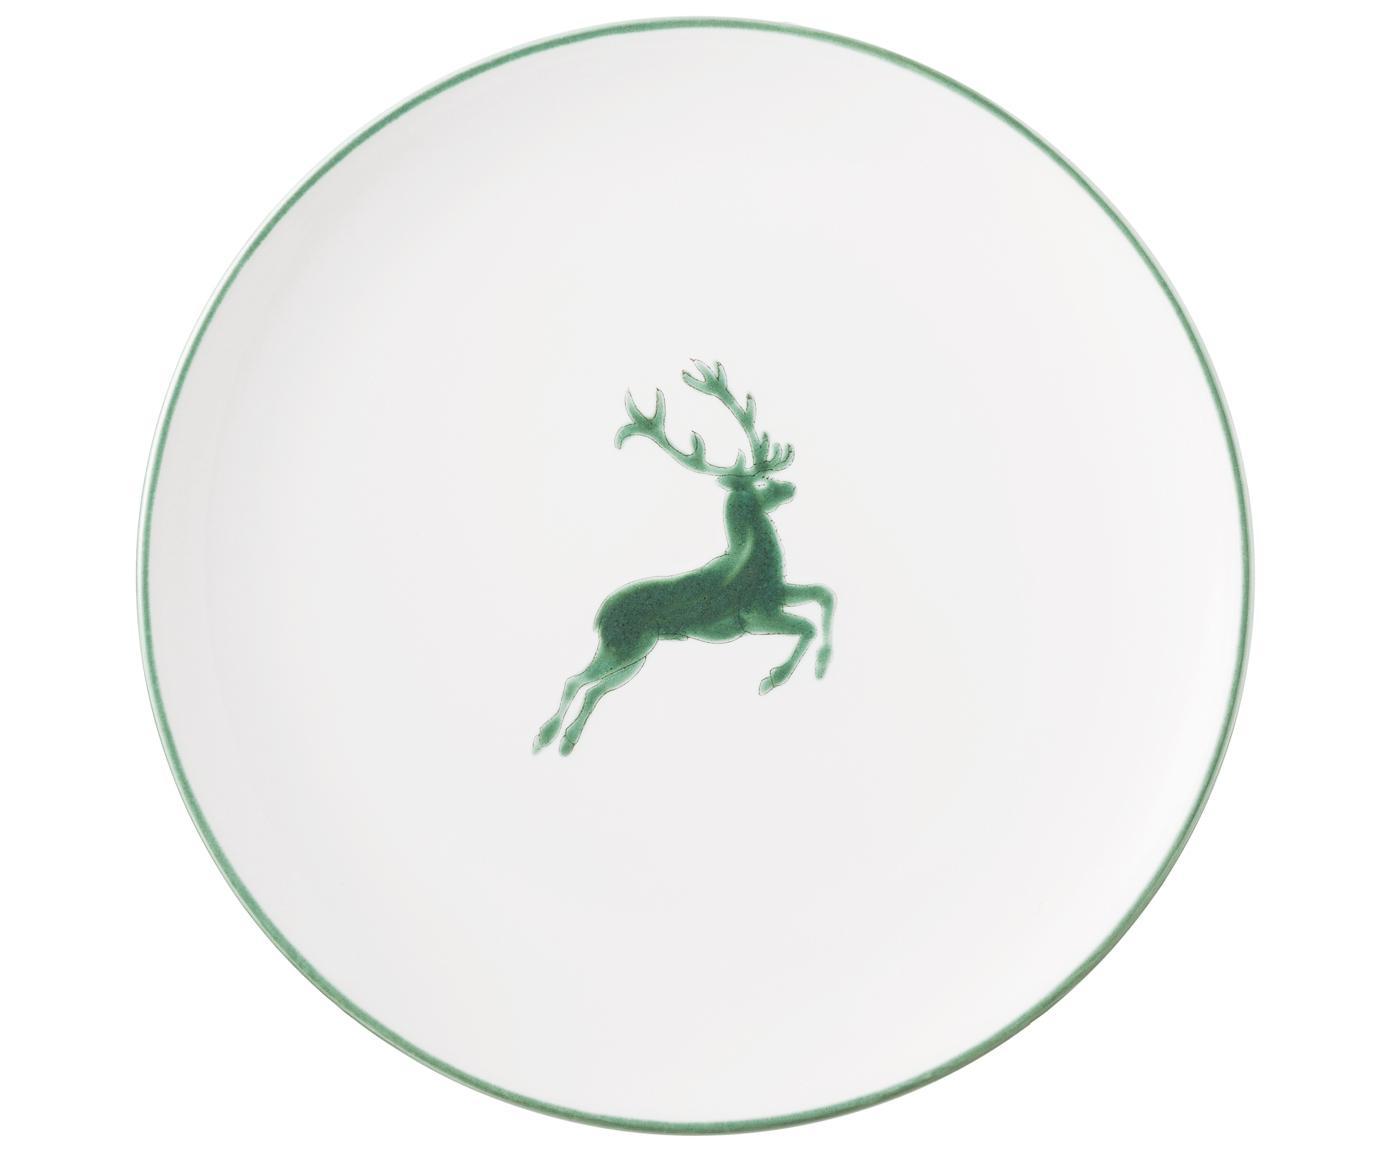 Ręcznie malowany talerz duży Classic Grüner Hirsch, Ceramika, Biały, Ø 25 cm